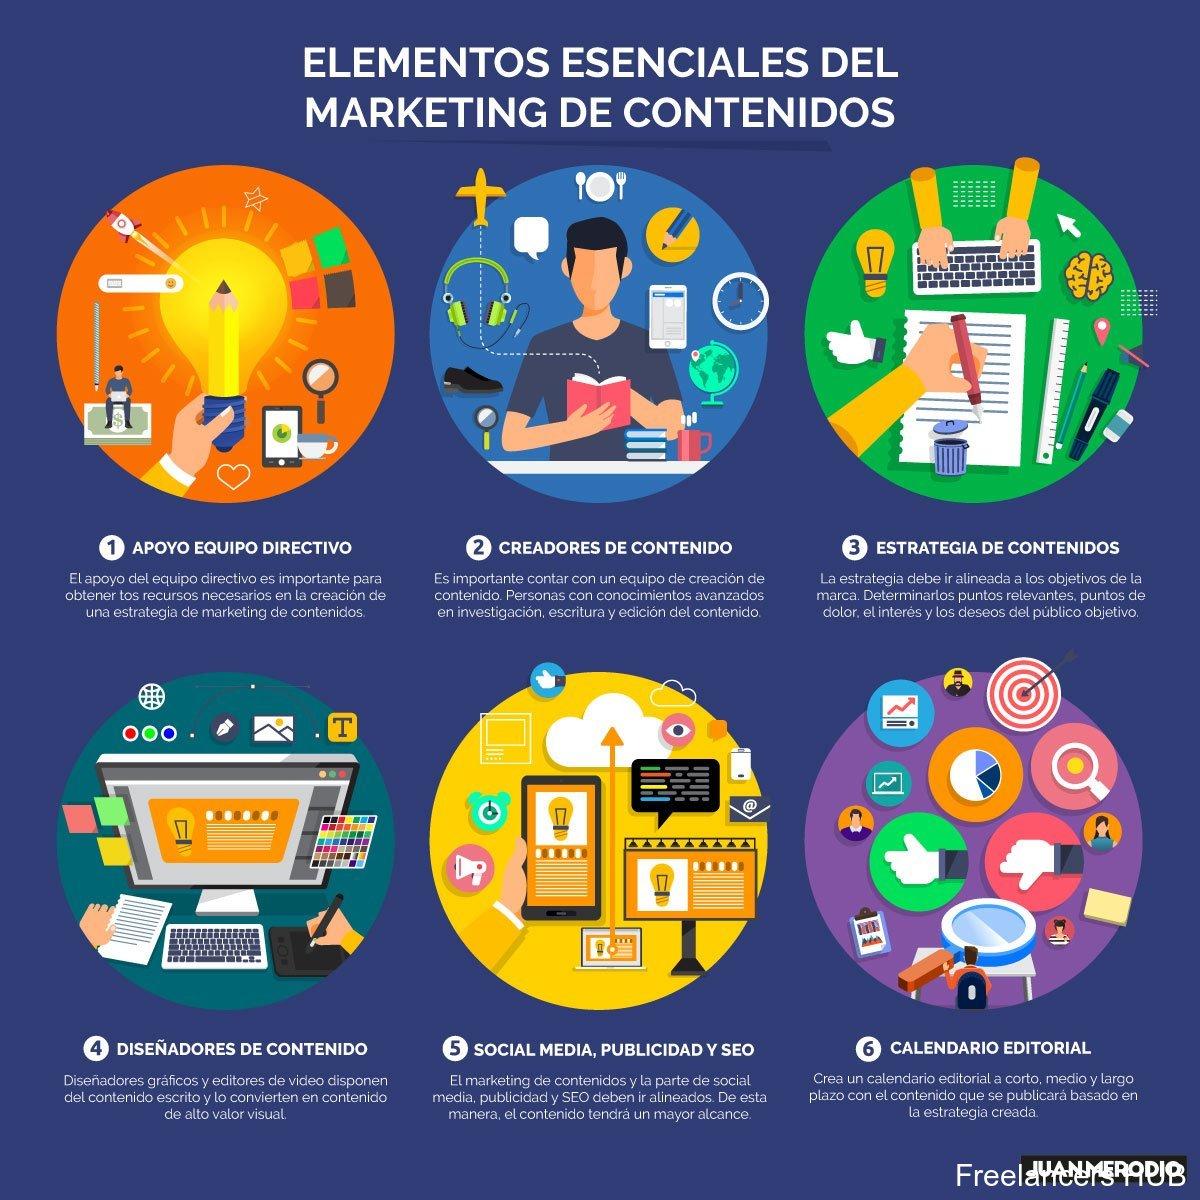 El marketing de contenidos es una de las claves del marketing digital, ¿tienes claro cuáles son los elementos esenciales?